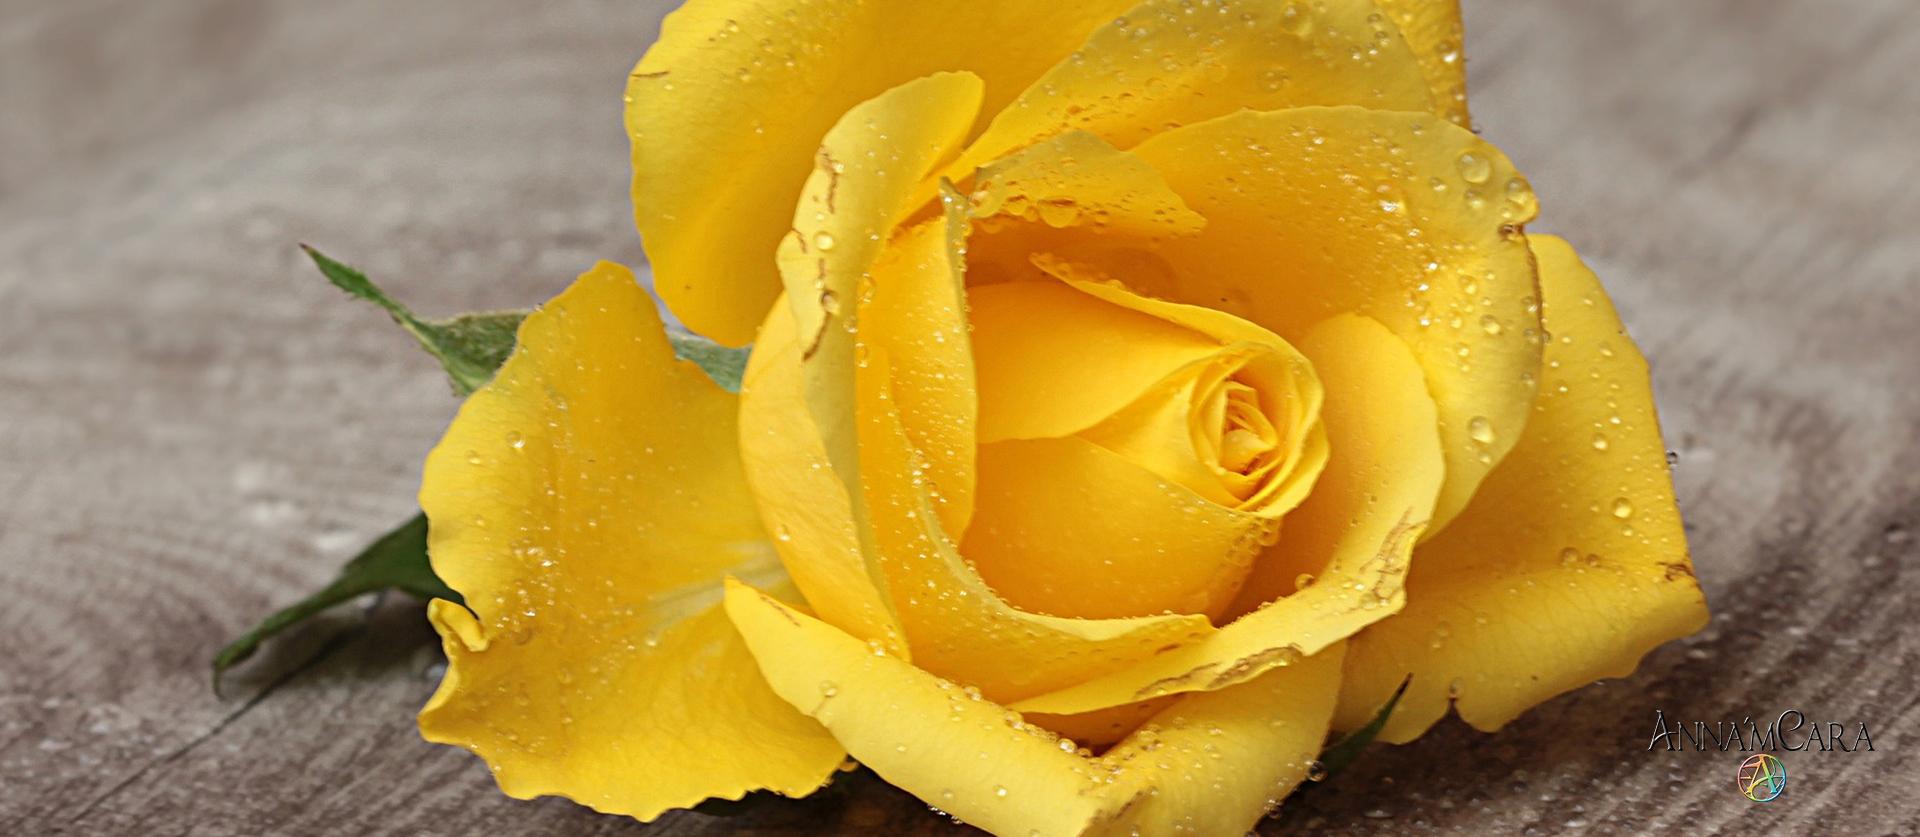 AnnamCara - Blog - Kuriose Tage - Tag der gelben Rosen - Rosen haltbar machen